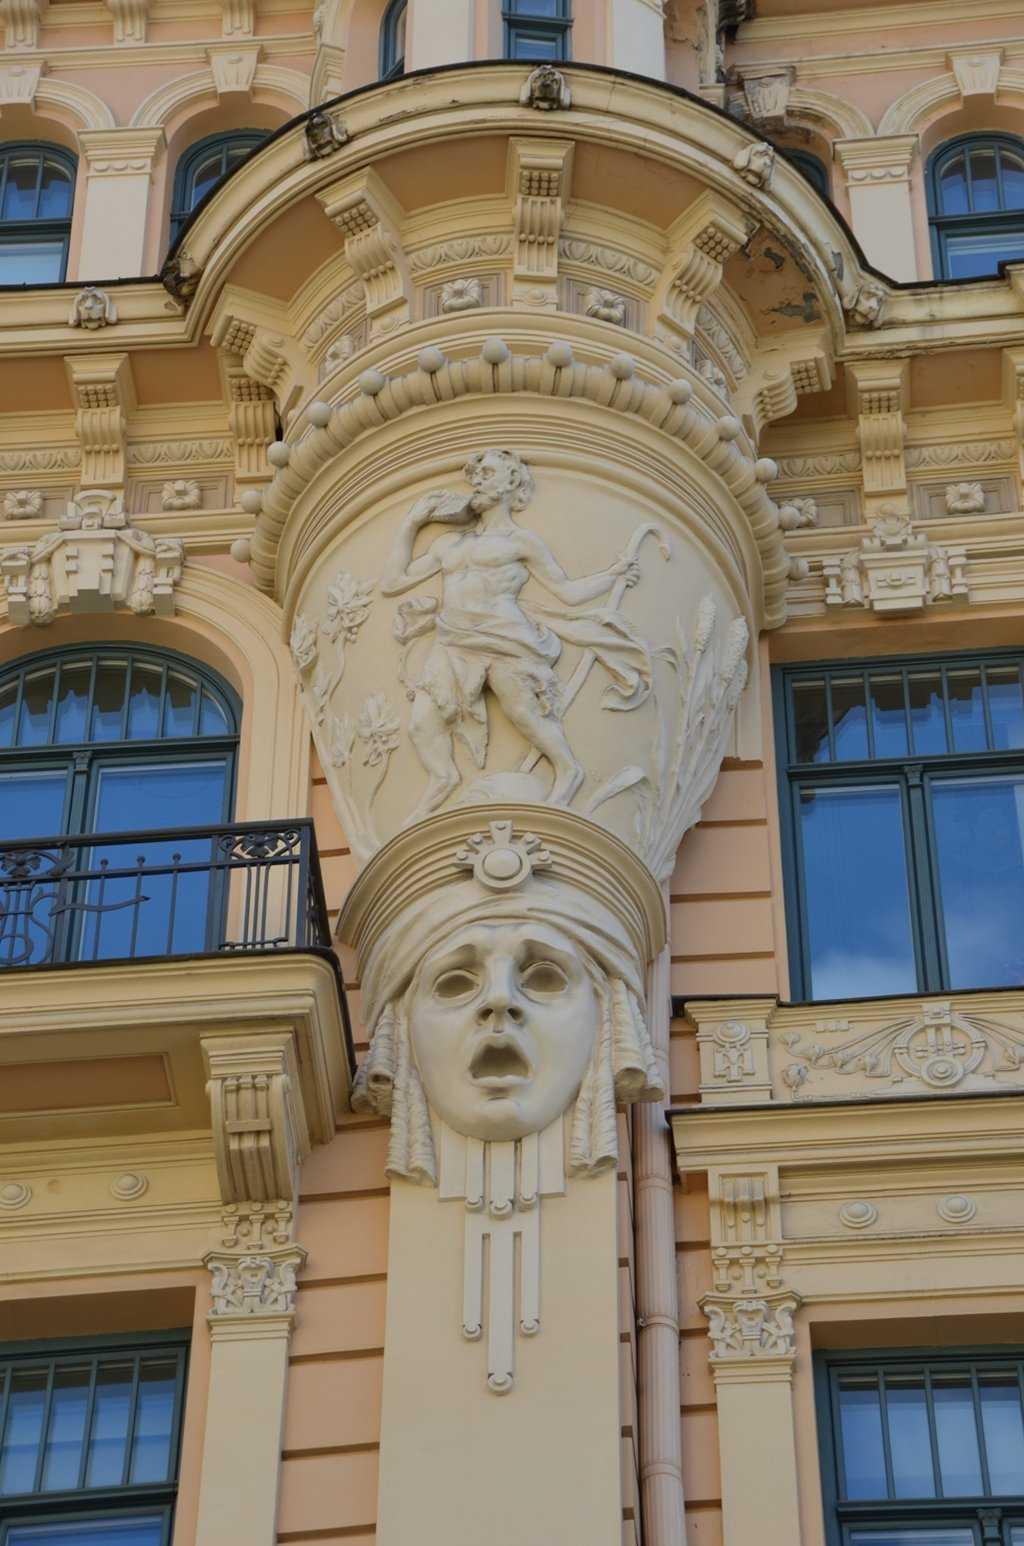 Alberta iela 13 adresindeki Art Nouveau apartmandan detay – Maskenin tacı özgürlük, güneş ve zaferi temsil ediyor…